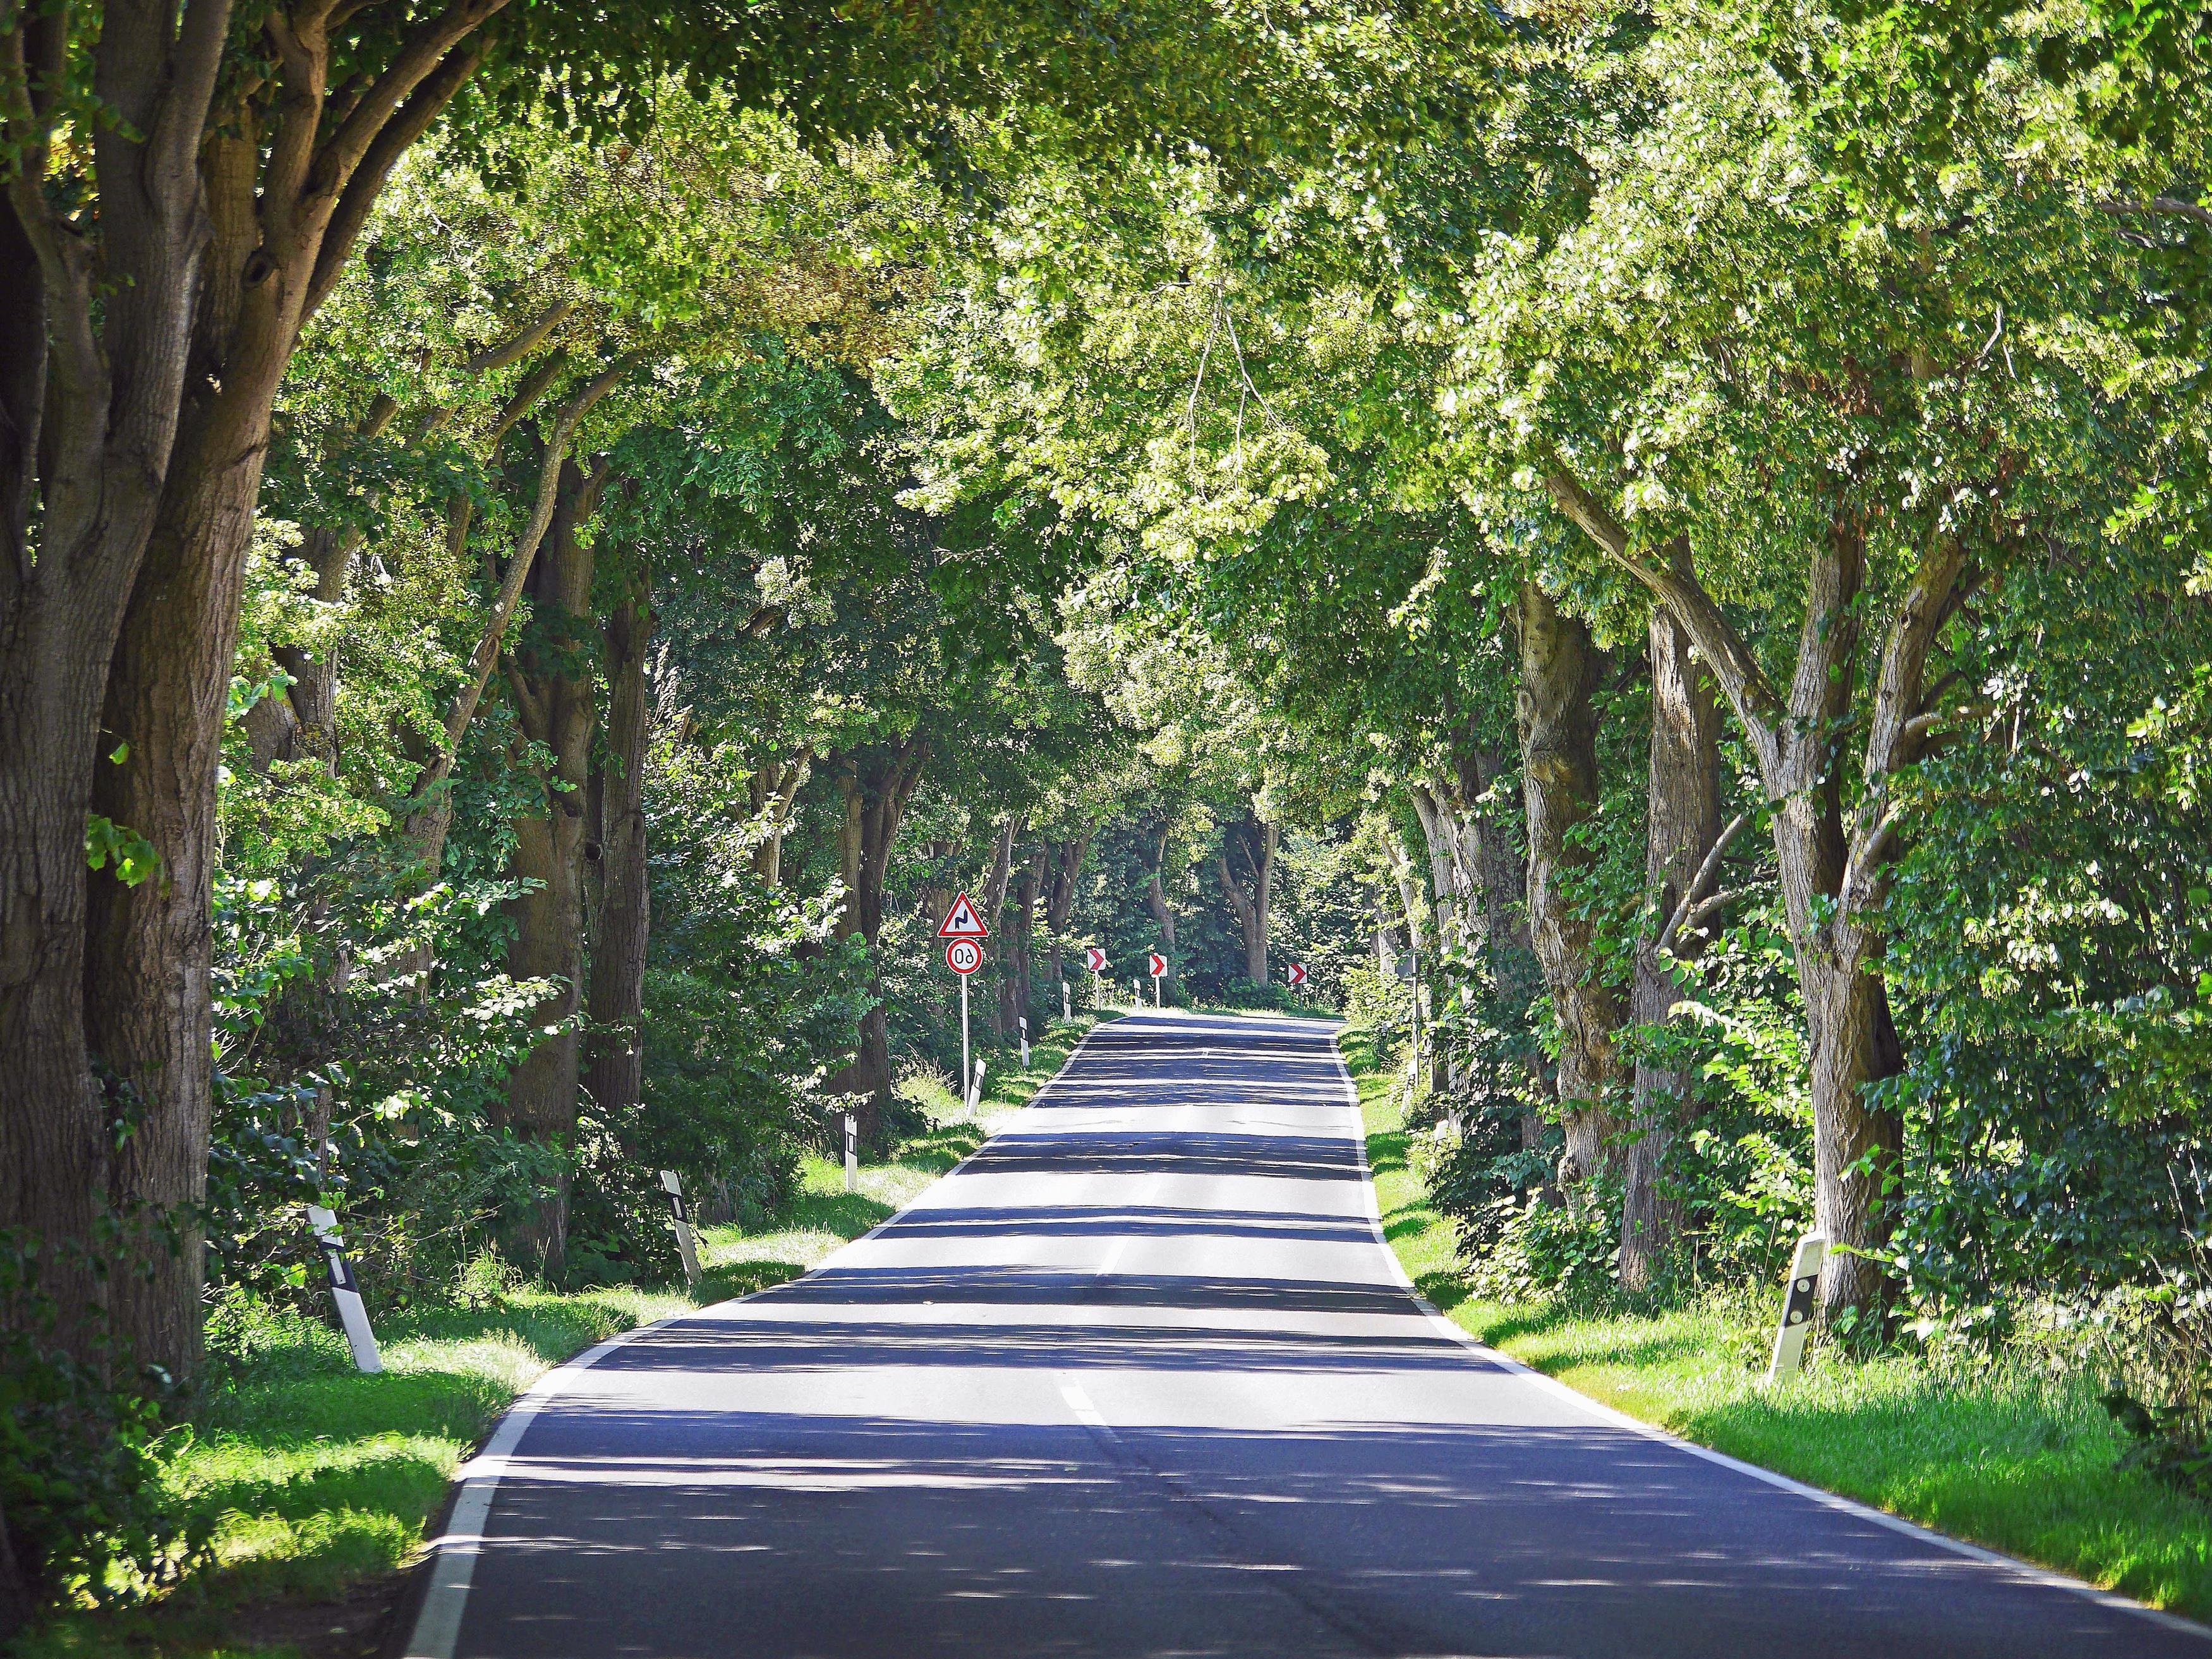 route paysage herbe arbre ciel parc fort t - Arbre Ciel